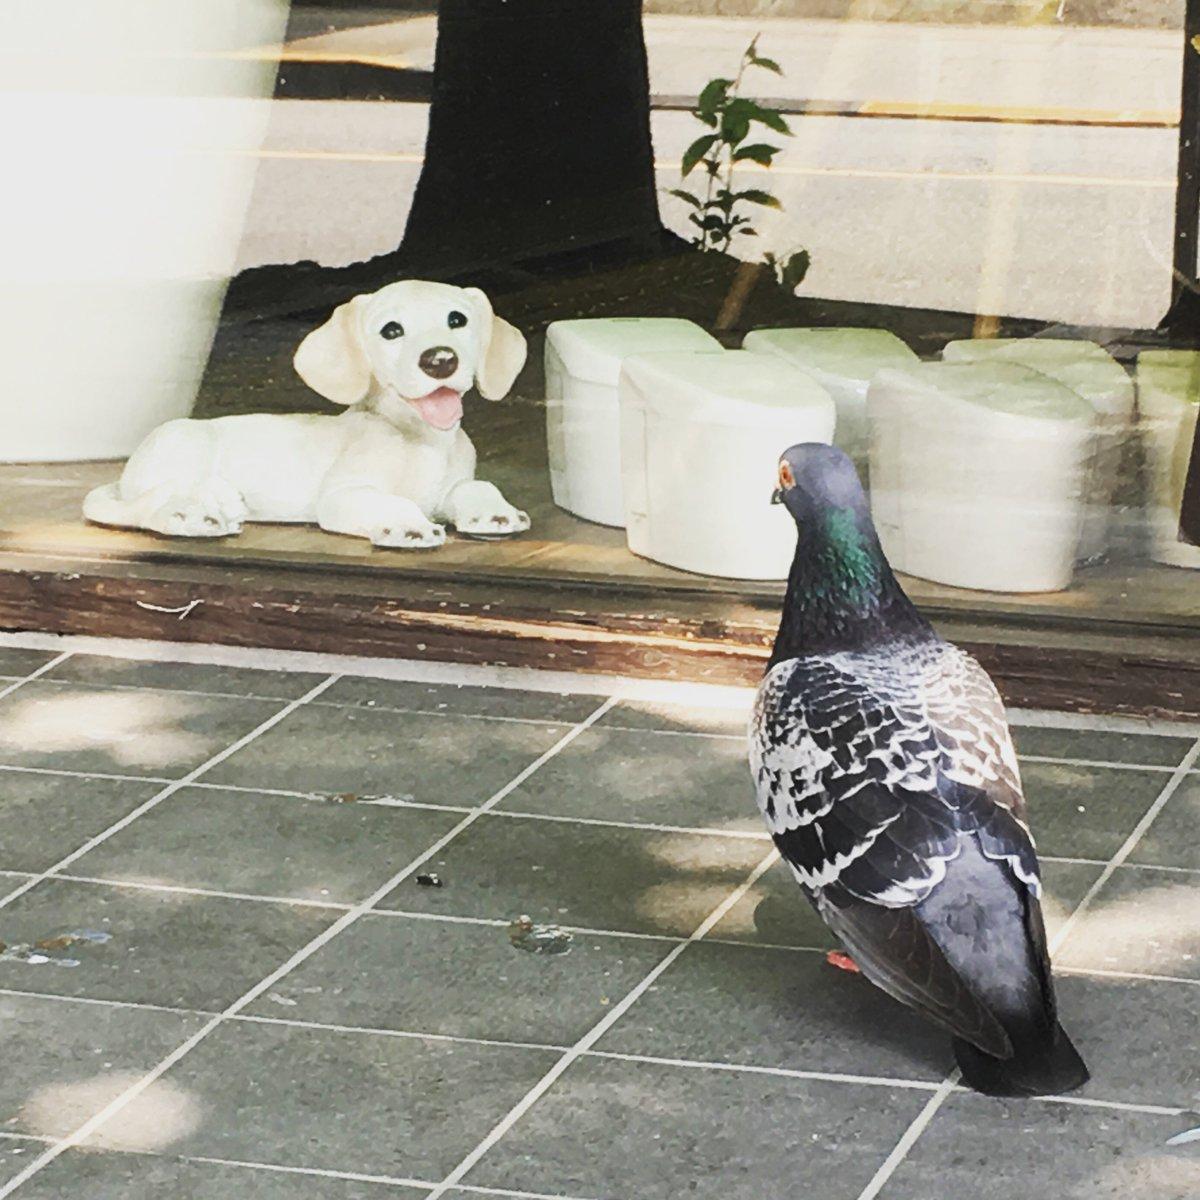 鳩が置物の犬を見ていた。  #多摩市 #聖蹟桜ケ丘 #鳩 #犬 https://t.co/XqWYlCjMnQ